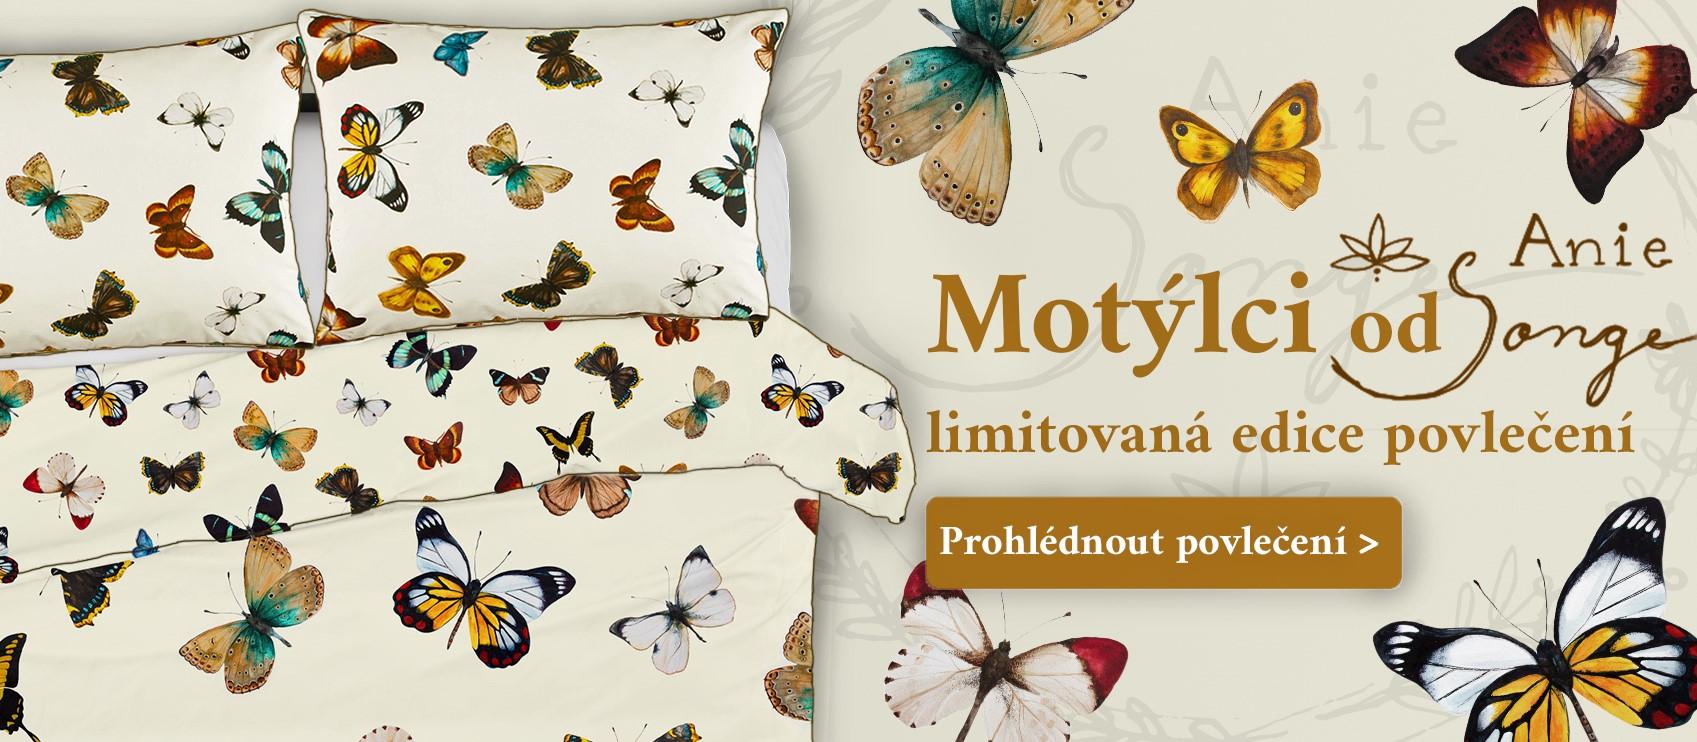 anie motylci